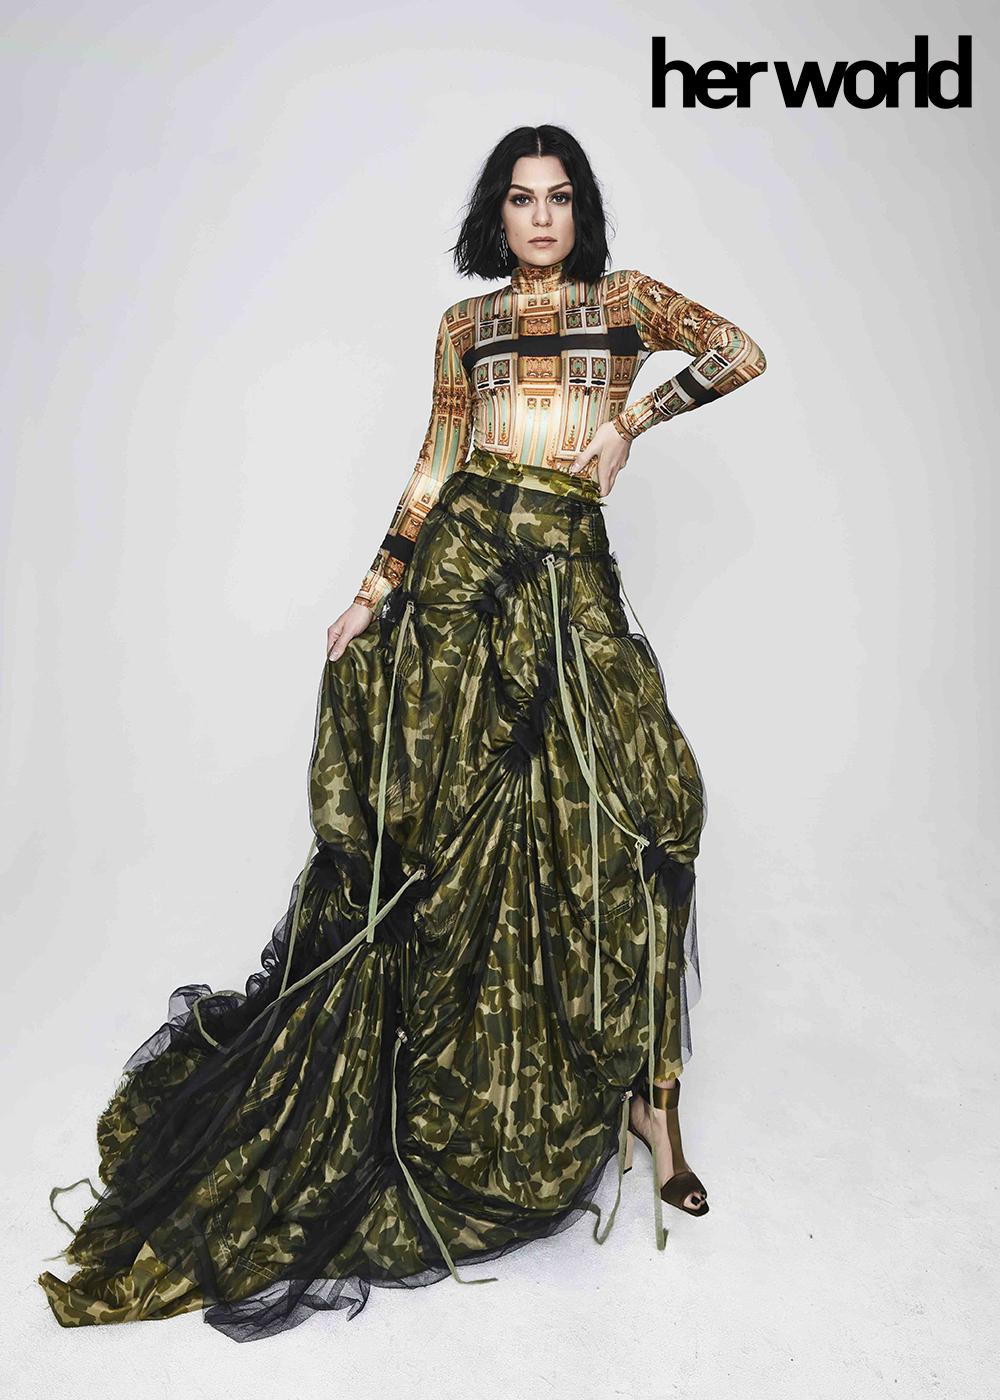 Jessie J: Tôi chưa bao giờ giỏi cái gì, chỉ giỏi hát